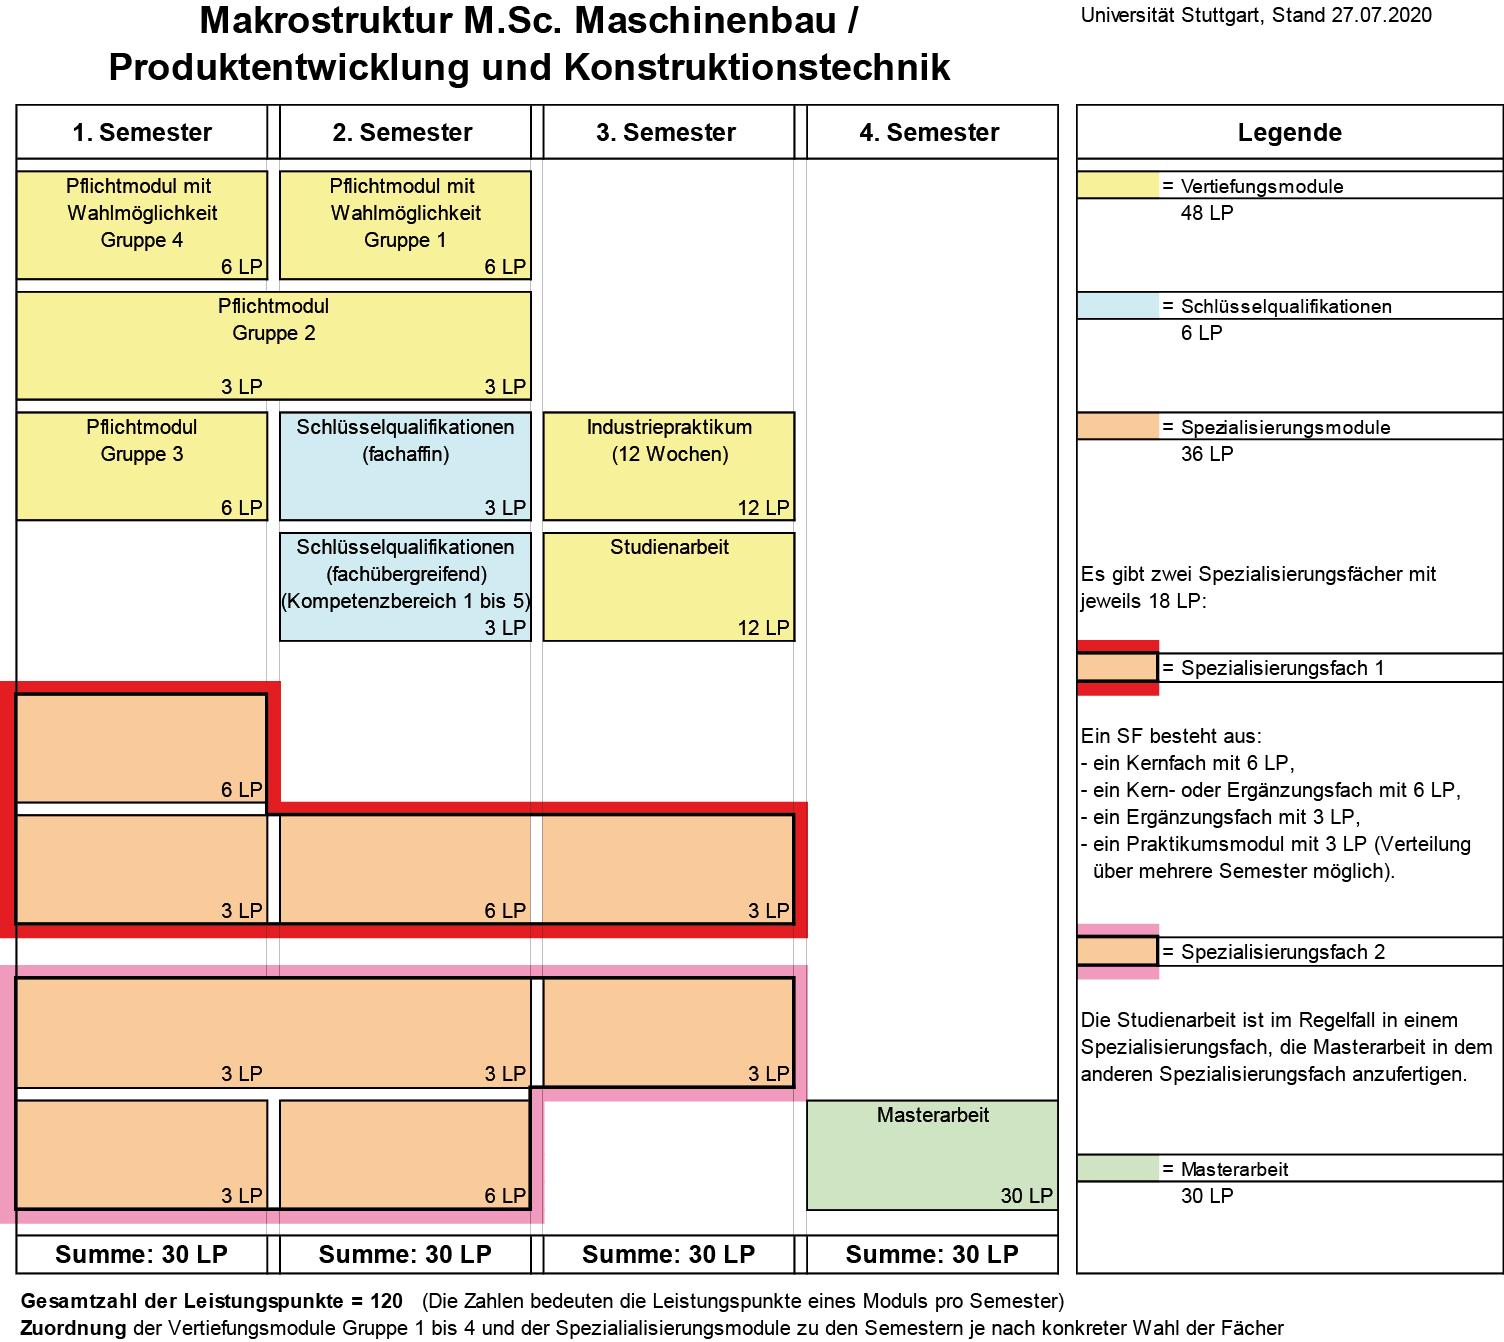 Makrostruktur des Studiengangs Maschinenbau / Produktentwicklung und Konstruktionstechnik